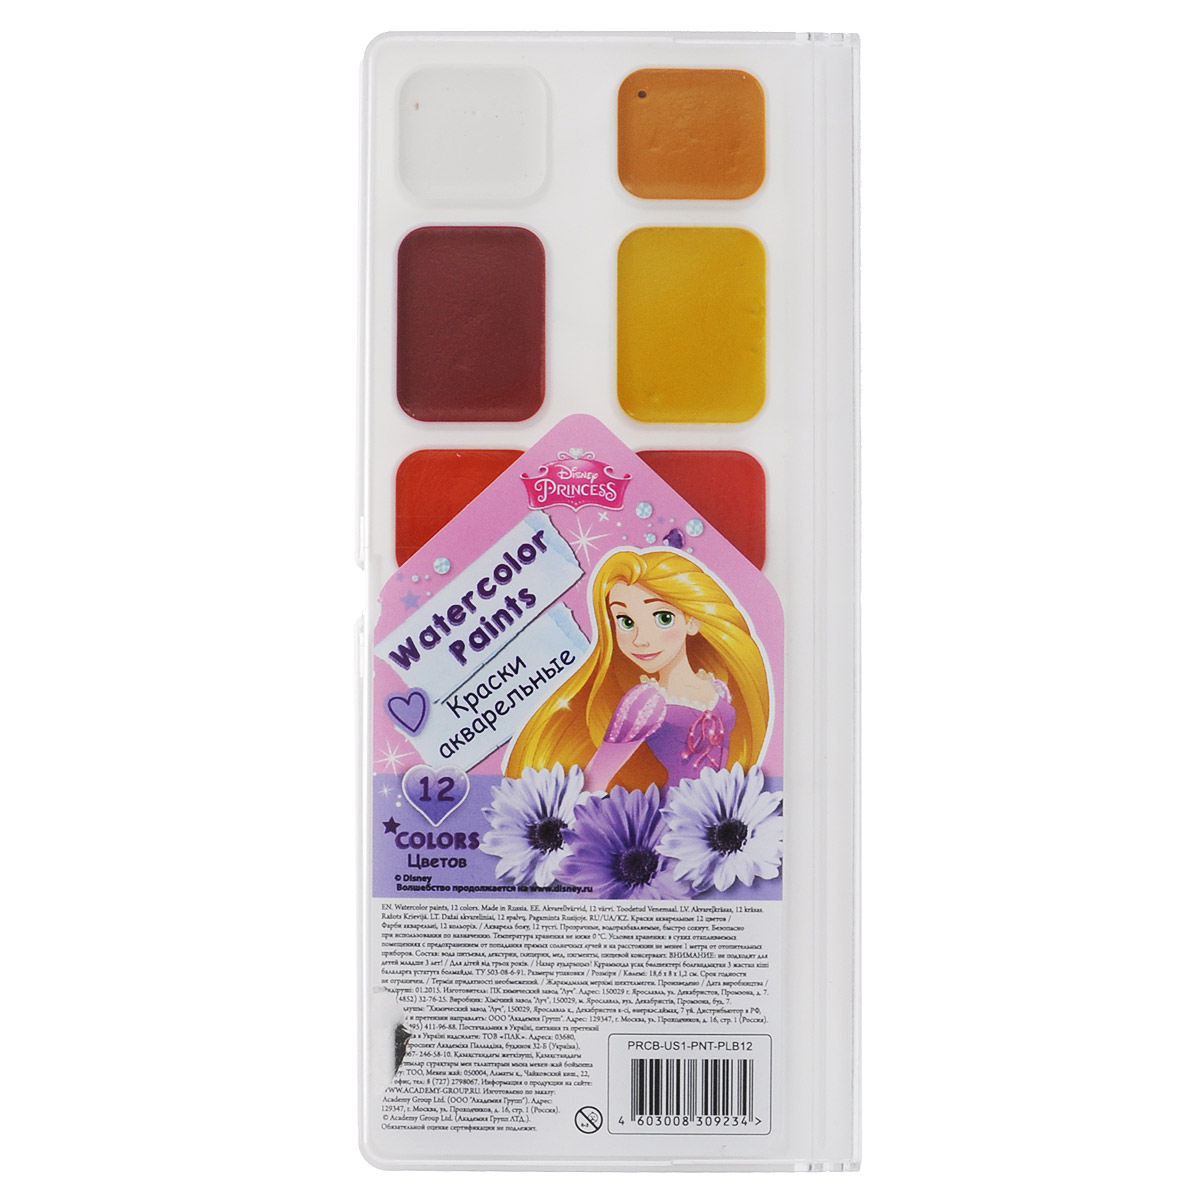 Краски акварельные Princess, 12 цветов. PRCB-US1-PNT-PLB12FS-00103Акварельные краски Princess прекрасно подойдут для детского художественного творчества, изобразительных работ. Краски мягко ложатся на бумагу, легко смешиваются между собой, не крошатся и не смазываются.Набор содержит краски 12 ярких насыщенных цветов. В процессе рисования у детей развивается наглядно-образное мышление, воображение, мелкая моторика рук, творческие и художественные способности, вырабатывается усидчивость и аккуратность.